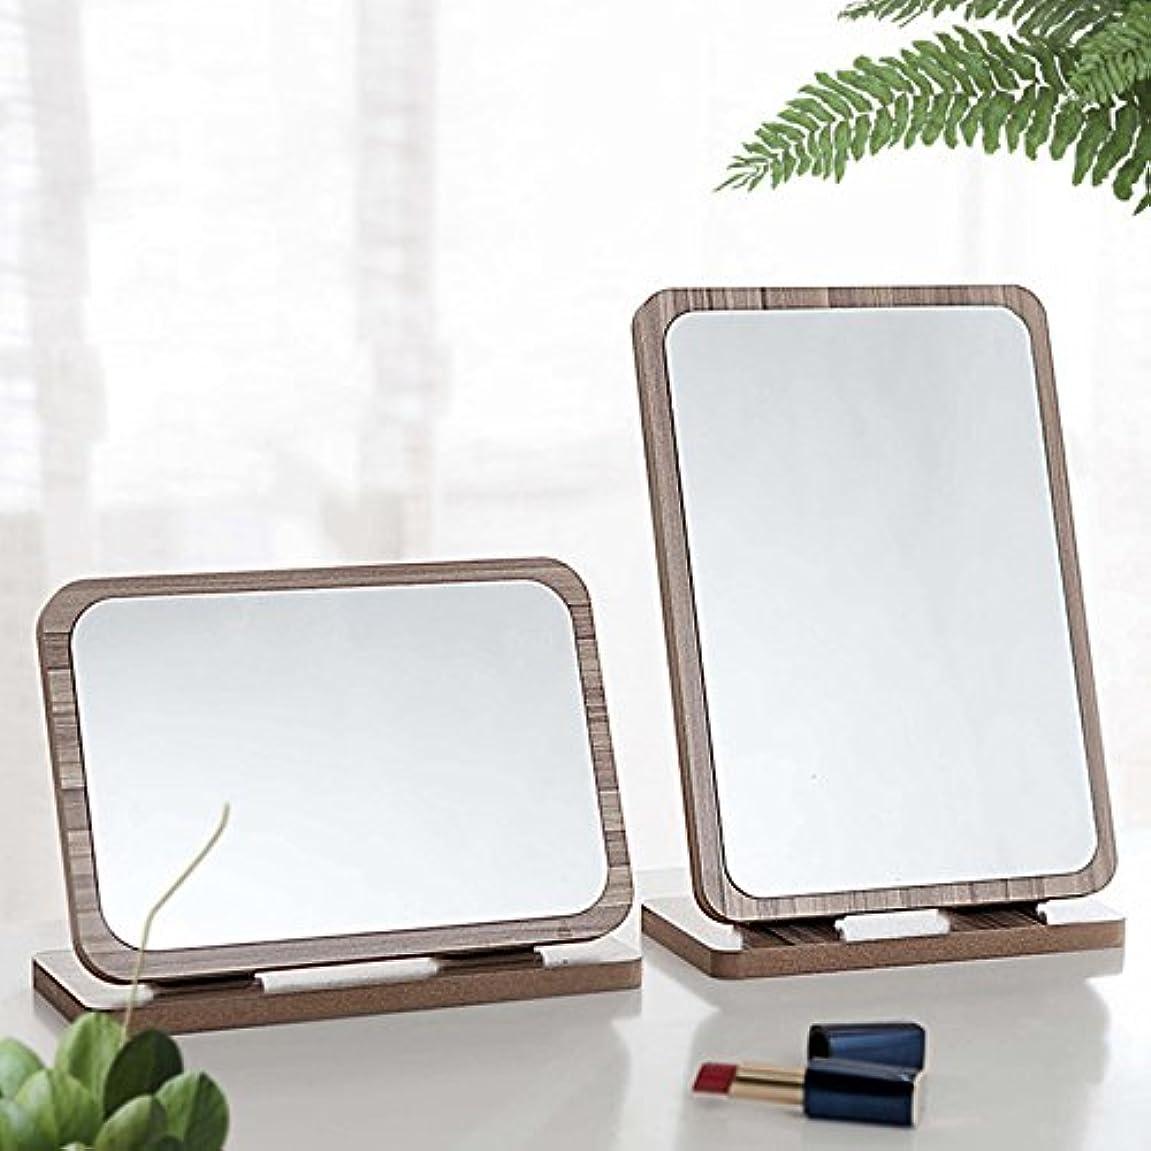 導入するフレキシブルレビューYZUEYT デスクトップ木製の化粧鏡3倍拡大180度回転ポータブルバニティバスルームメイクツール YZUEYT (Color : NO. 10#)